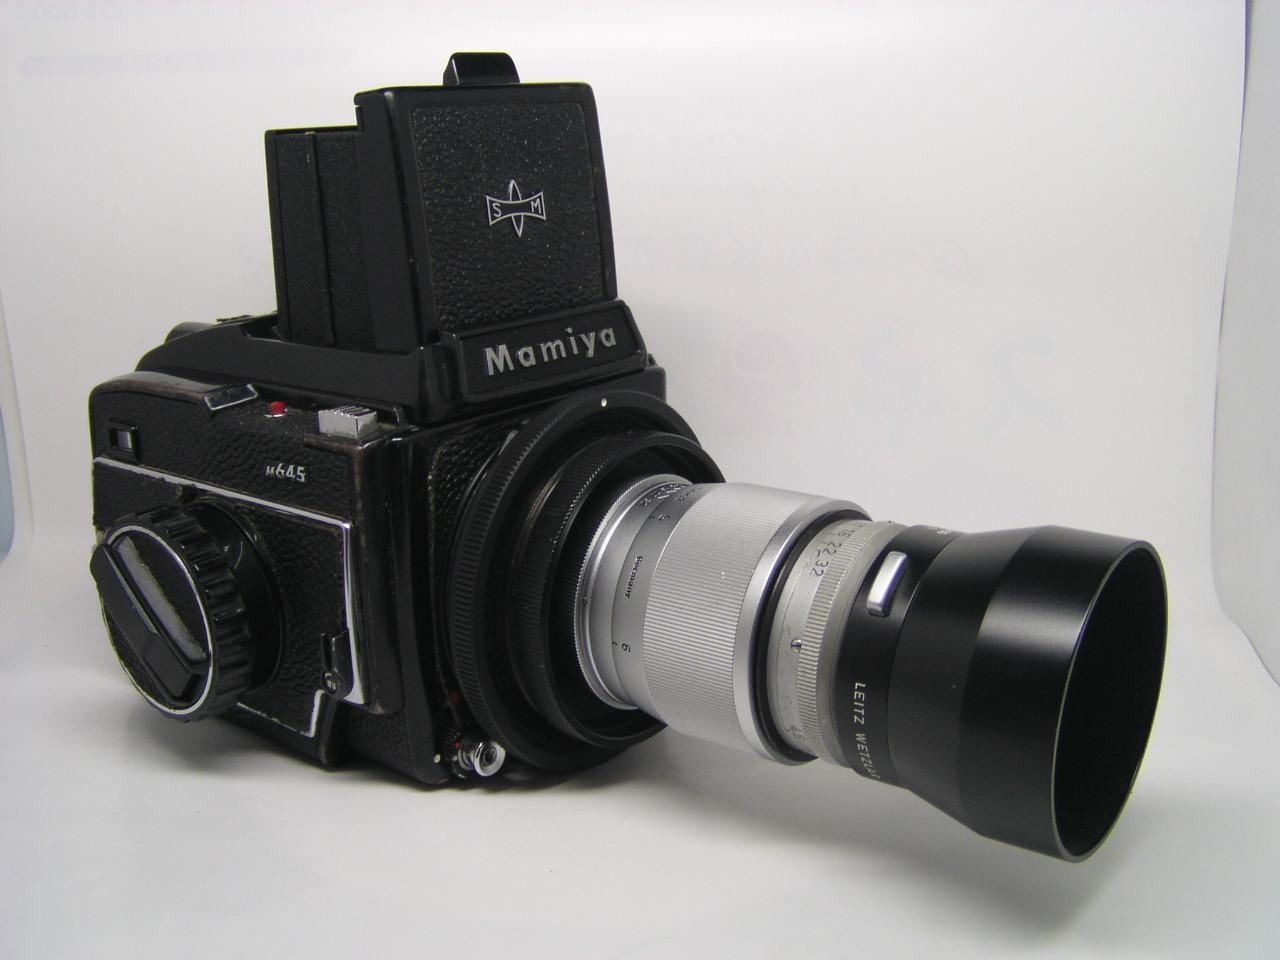 ライカビゾ用のレンズを各種カメラに活用*****キューちゃん_d0138130_1621687.jpg